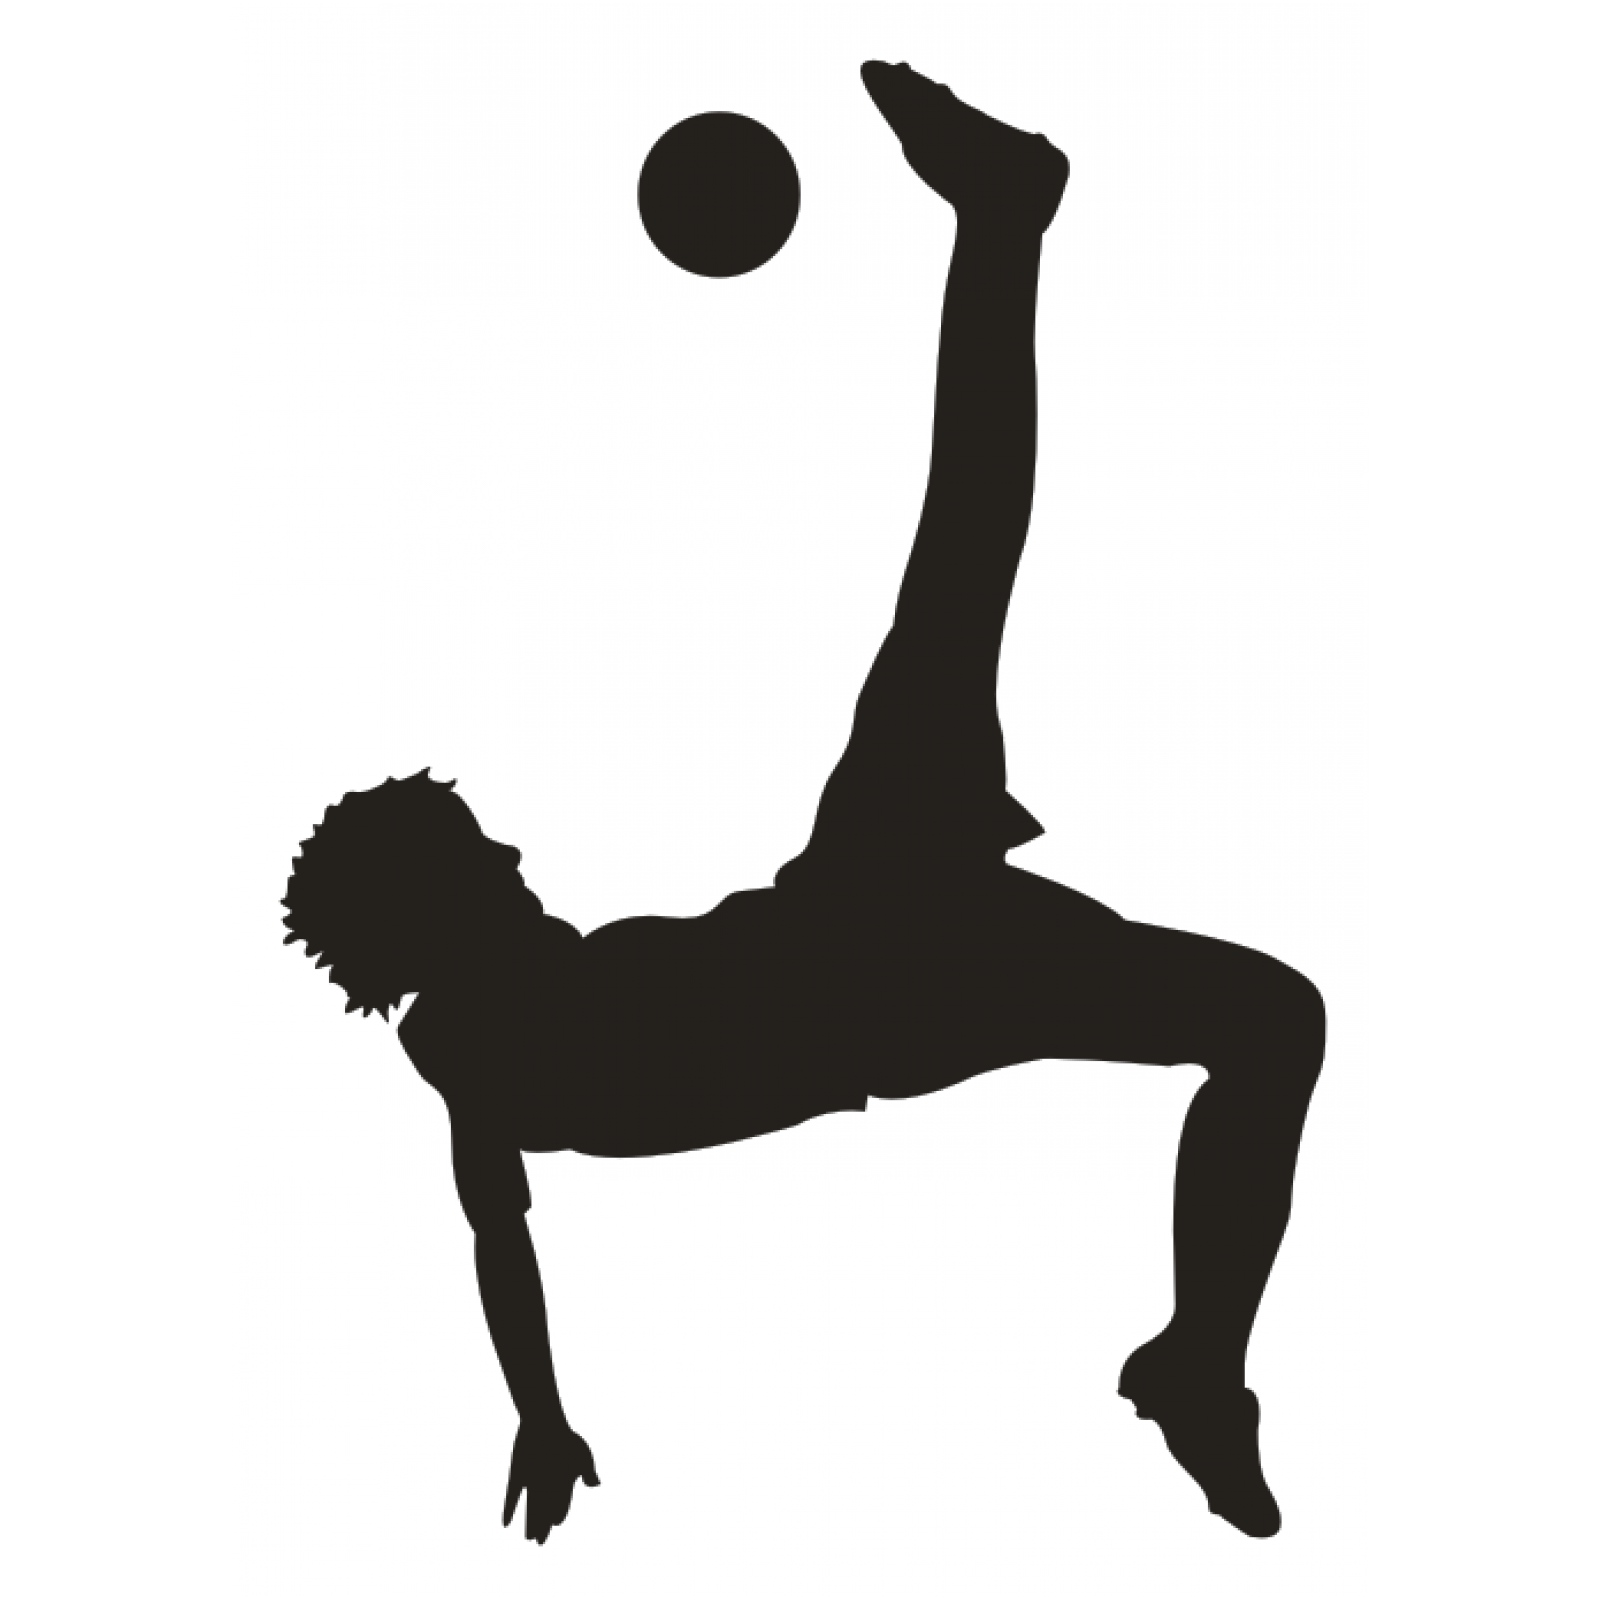 Fußballspieler Mit Ball Fallrückzieher